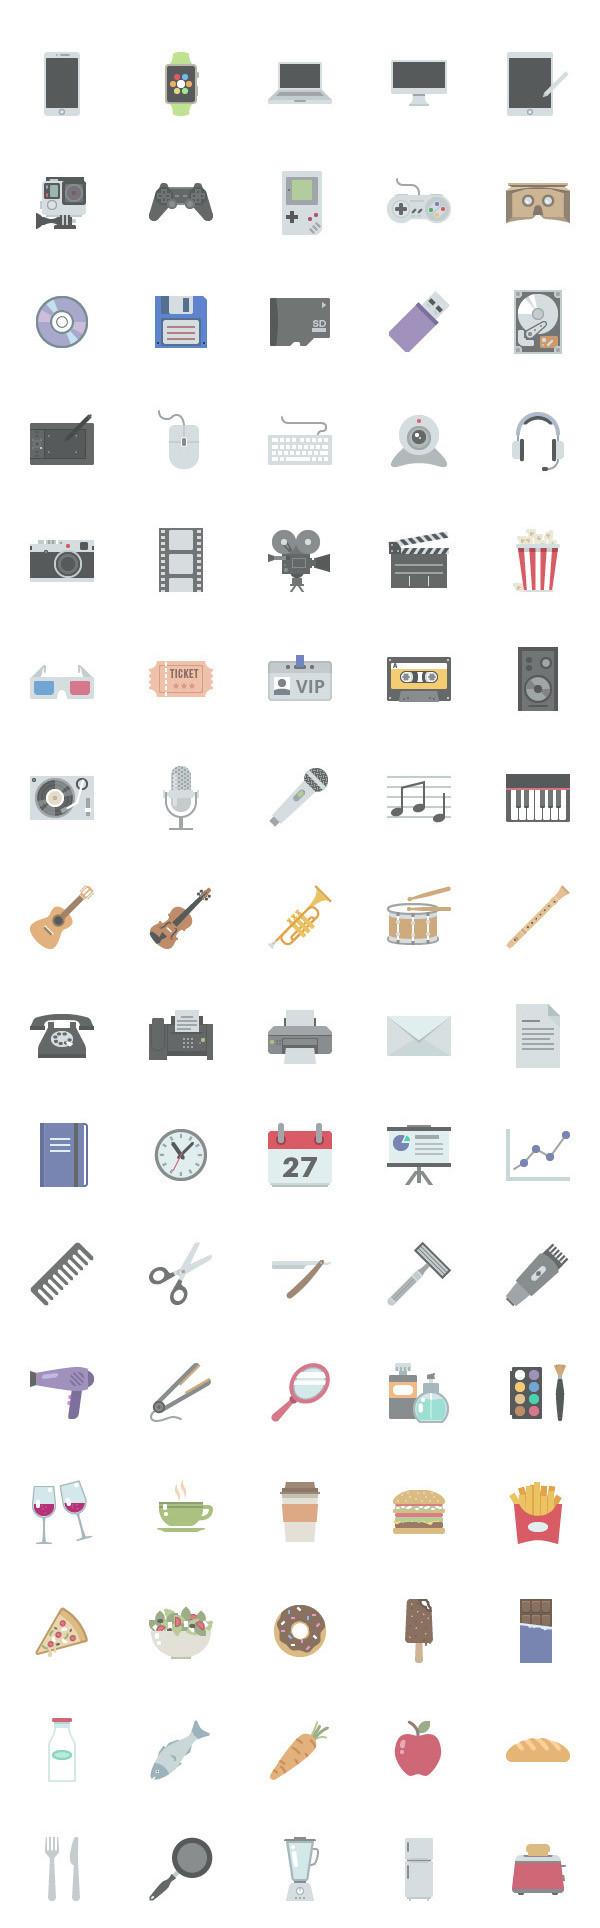 flat icon图标生活用品数码产品科技源文件下载